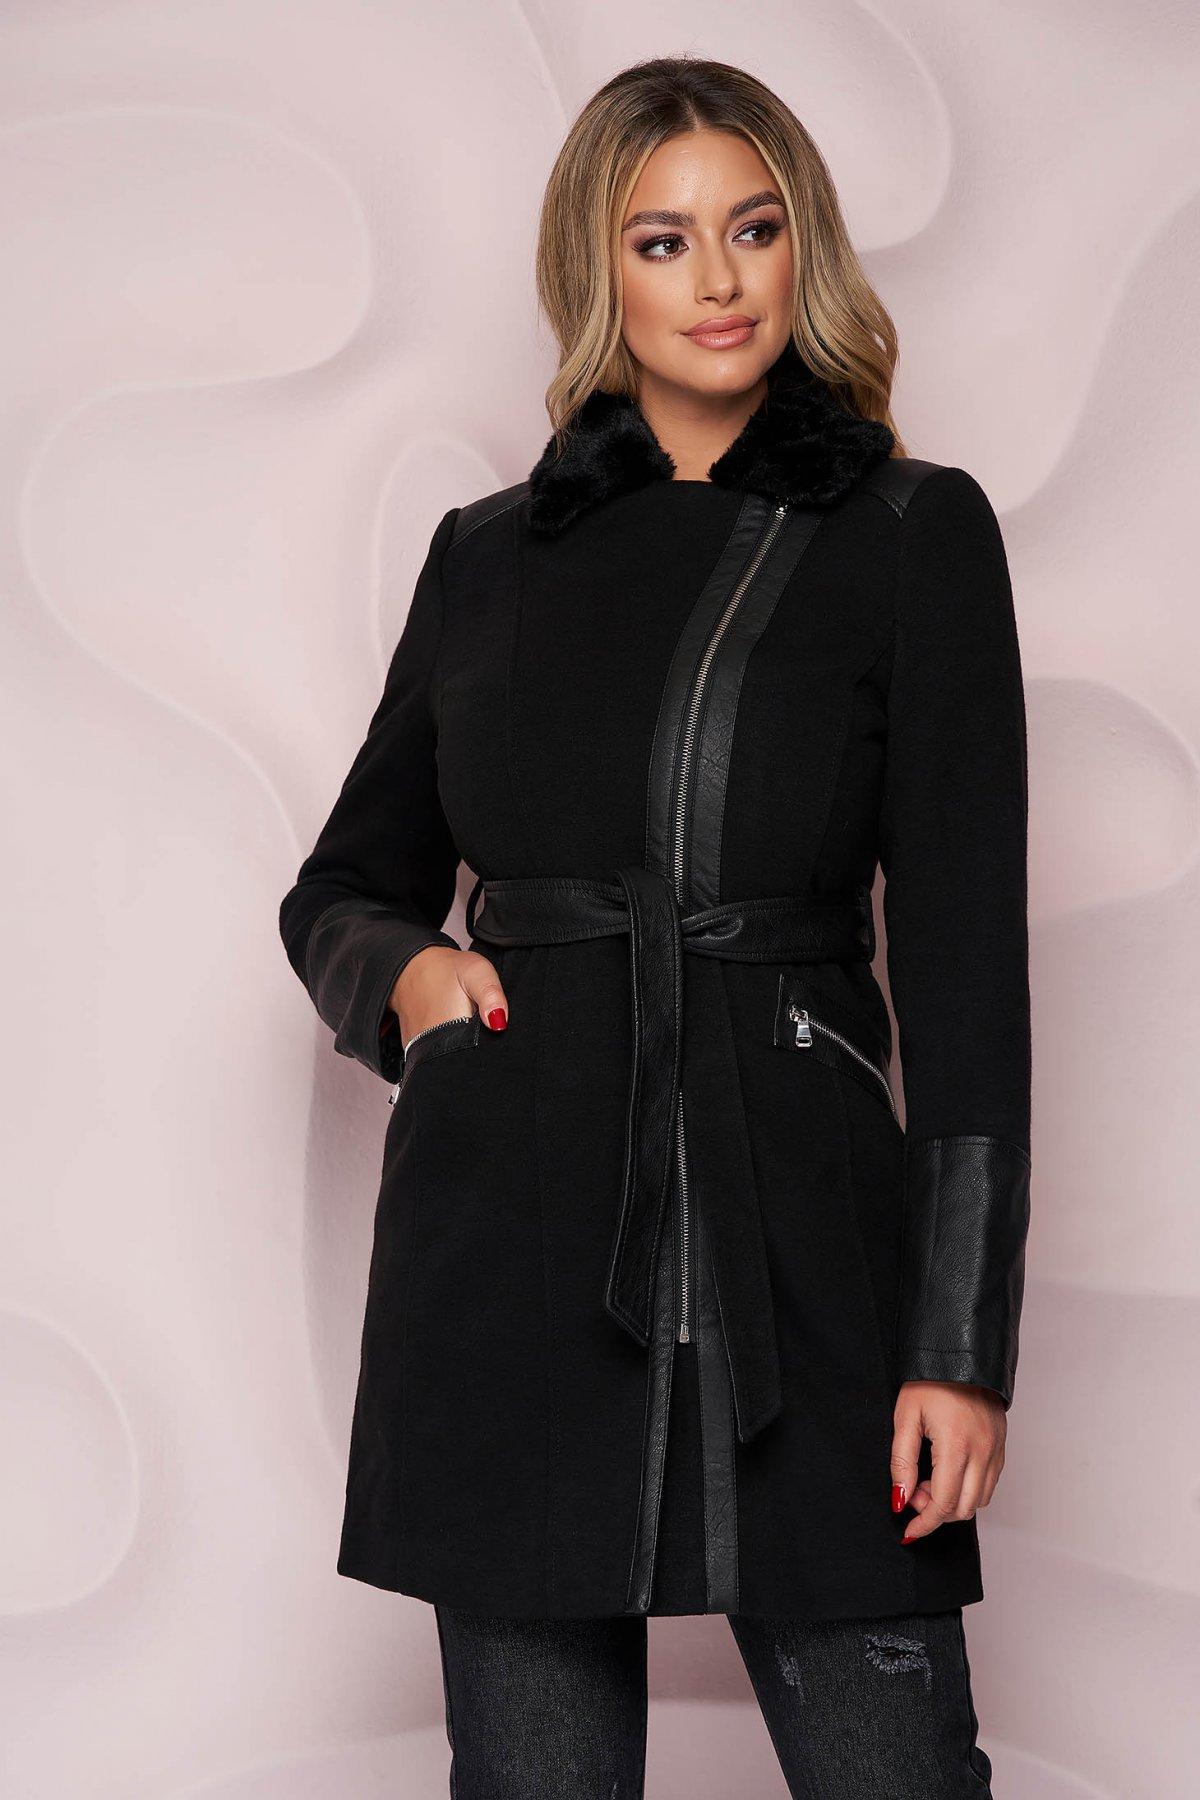 Palton SunShine negru elegant cambrat din material gros cu guler din blana si aplicatii din piele ecologica